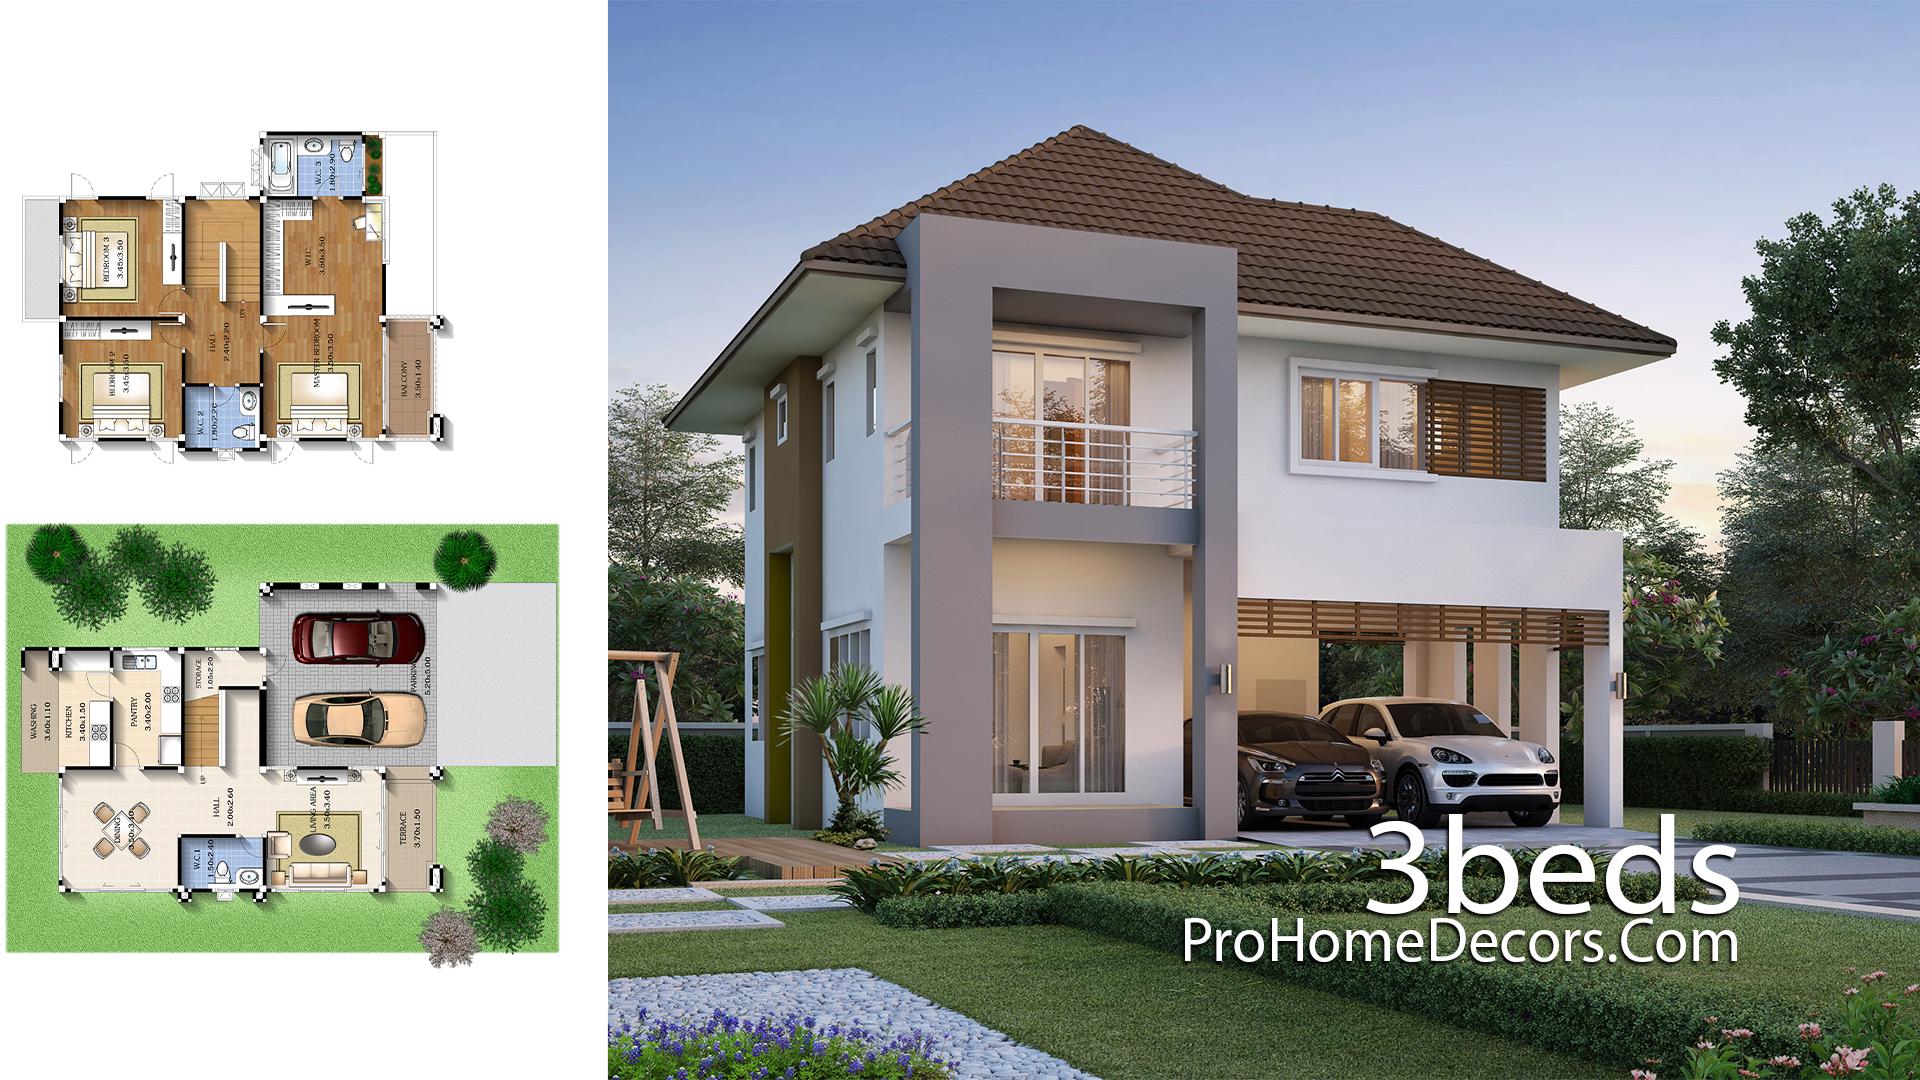 3 Bedrooms House Plan 9x11 Meters